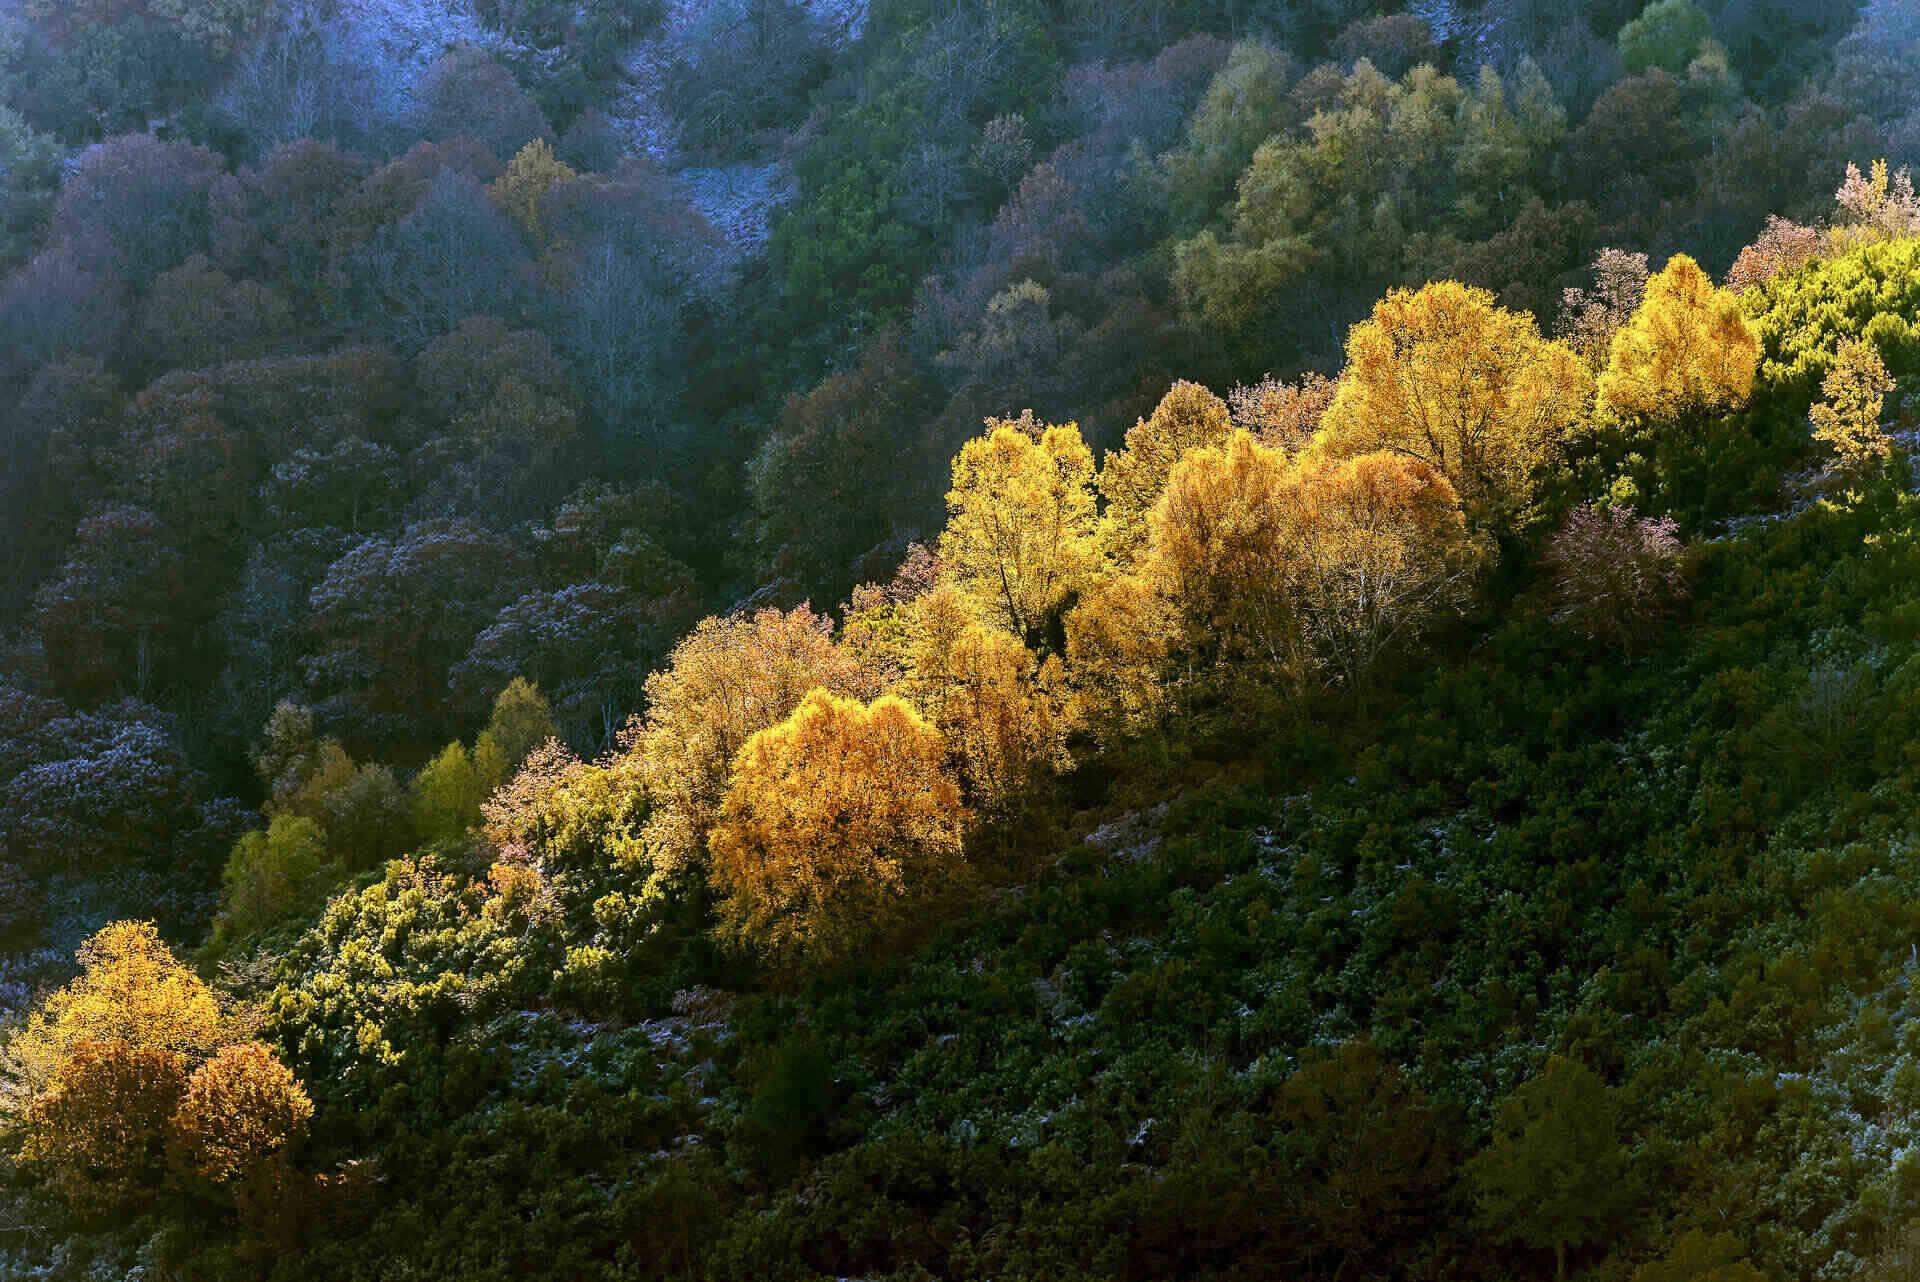 Passeggiata autunnale in Valtellina intorno a Teglio